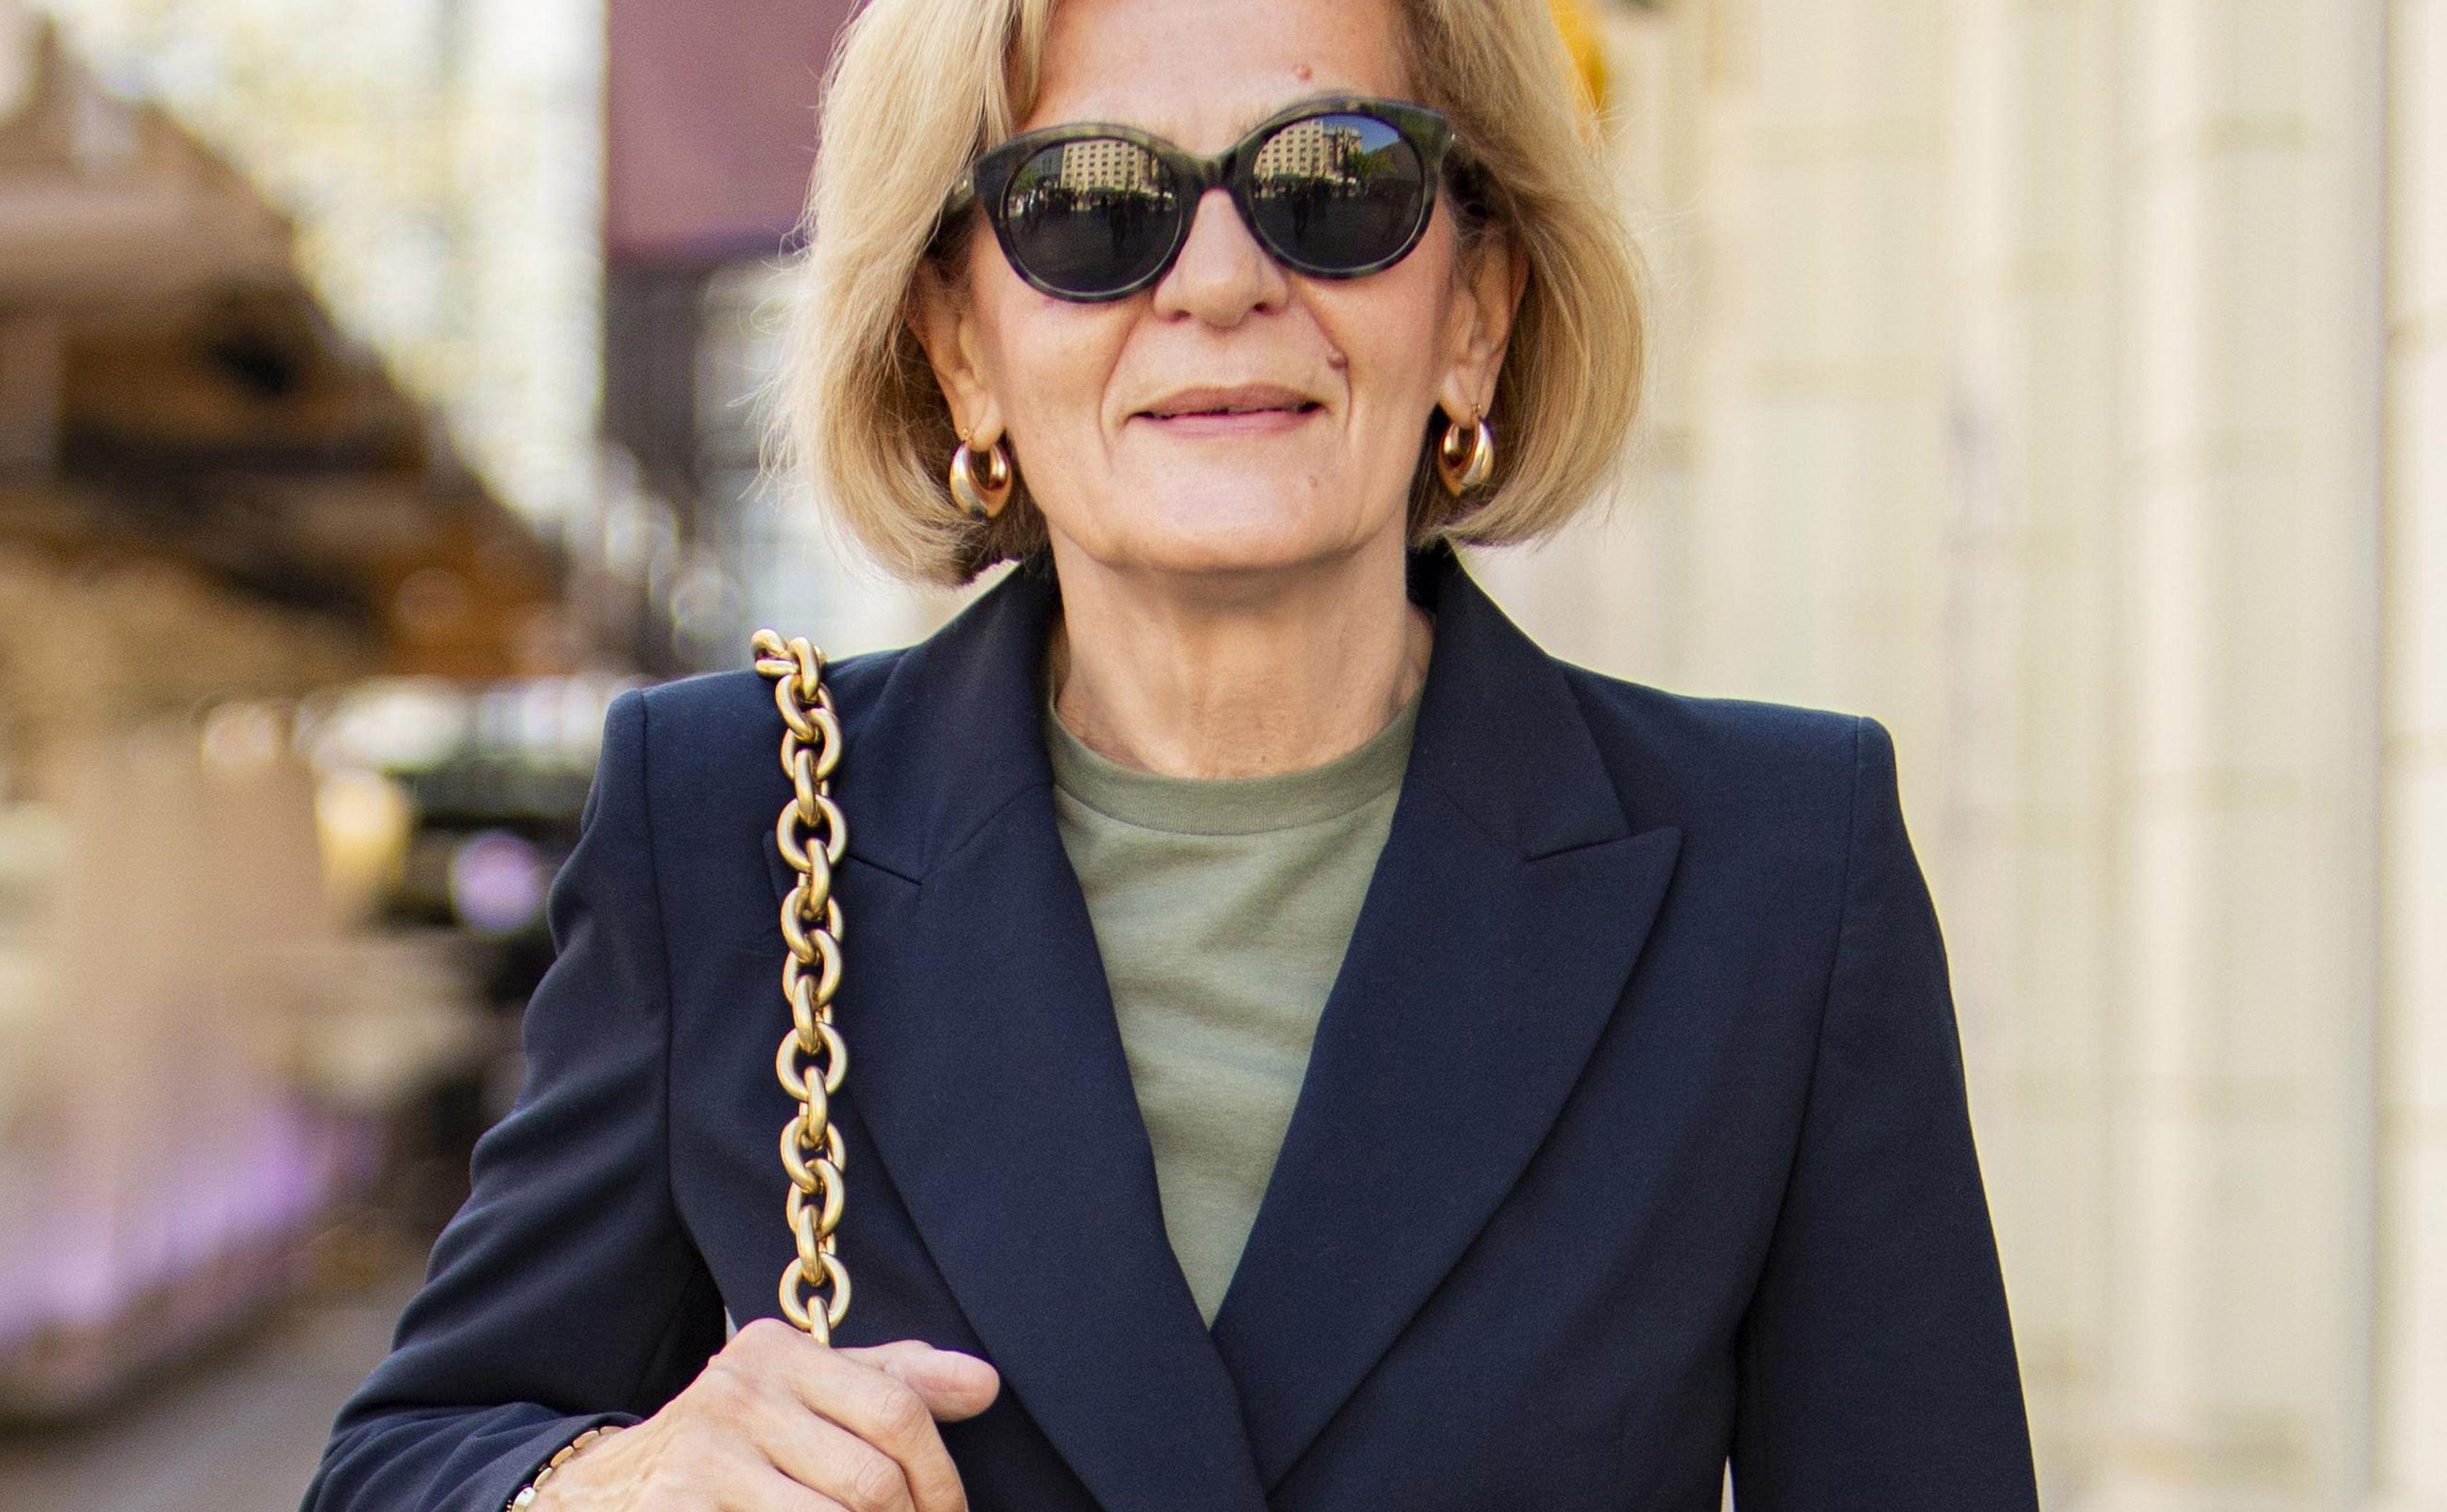 Novinarka besprijekornog stila nosi najpoželjniju torbu sezone: 'Outfit je inspiriran morem i maslinama'